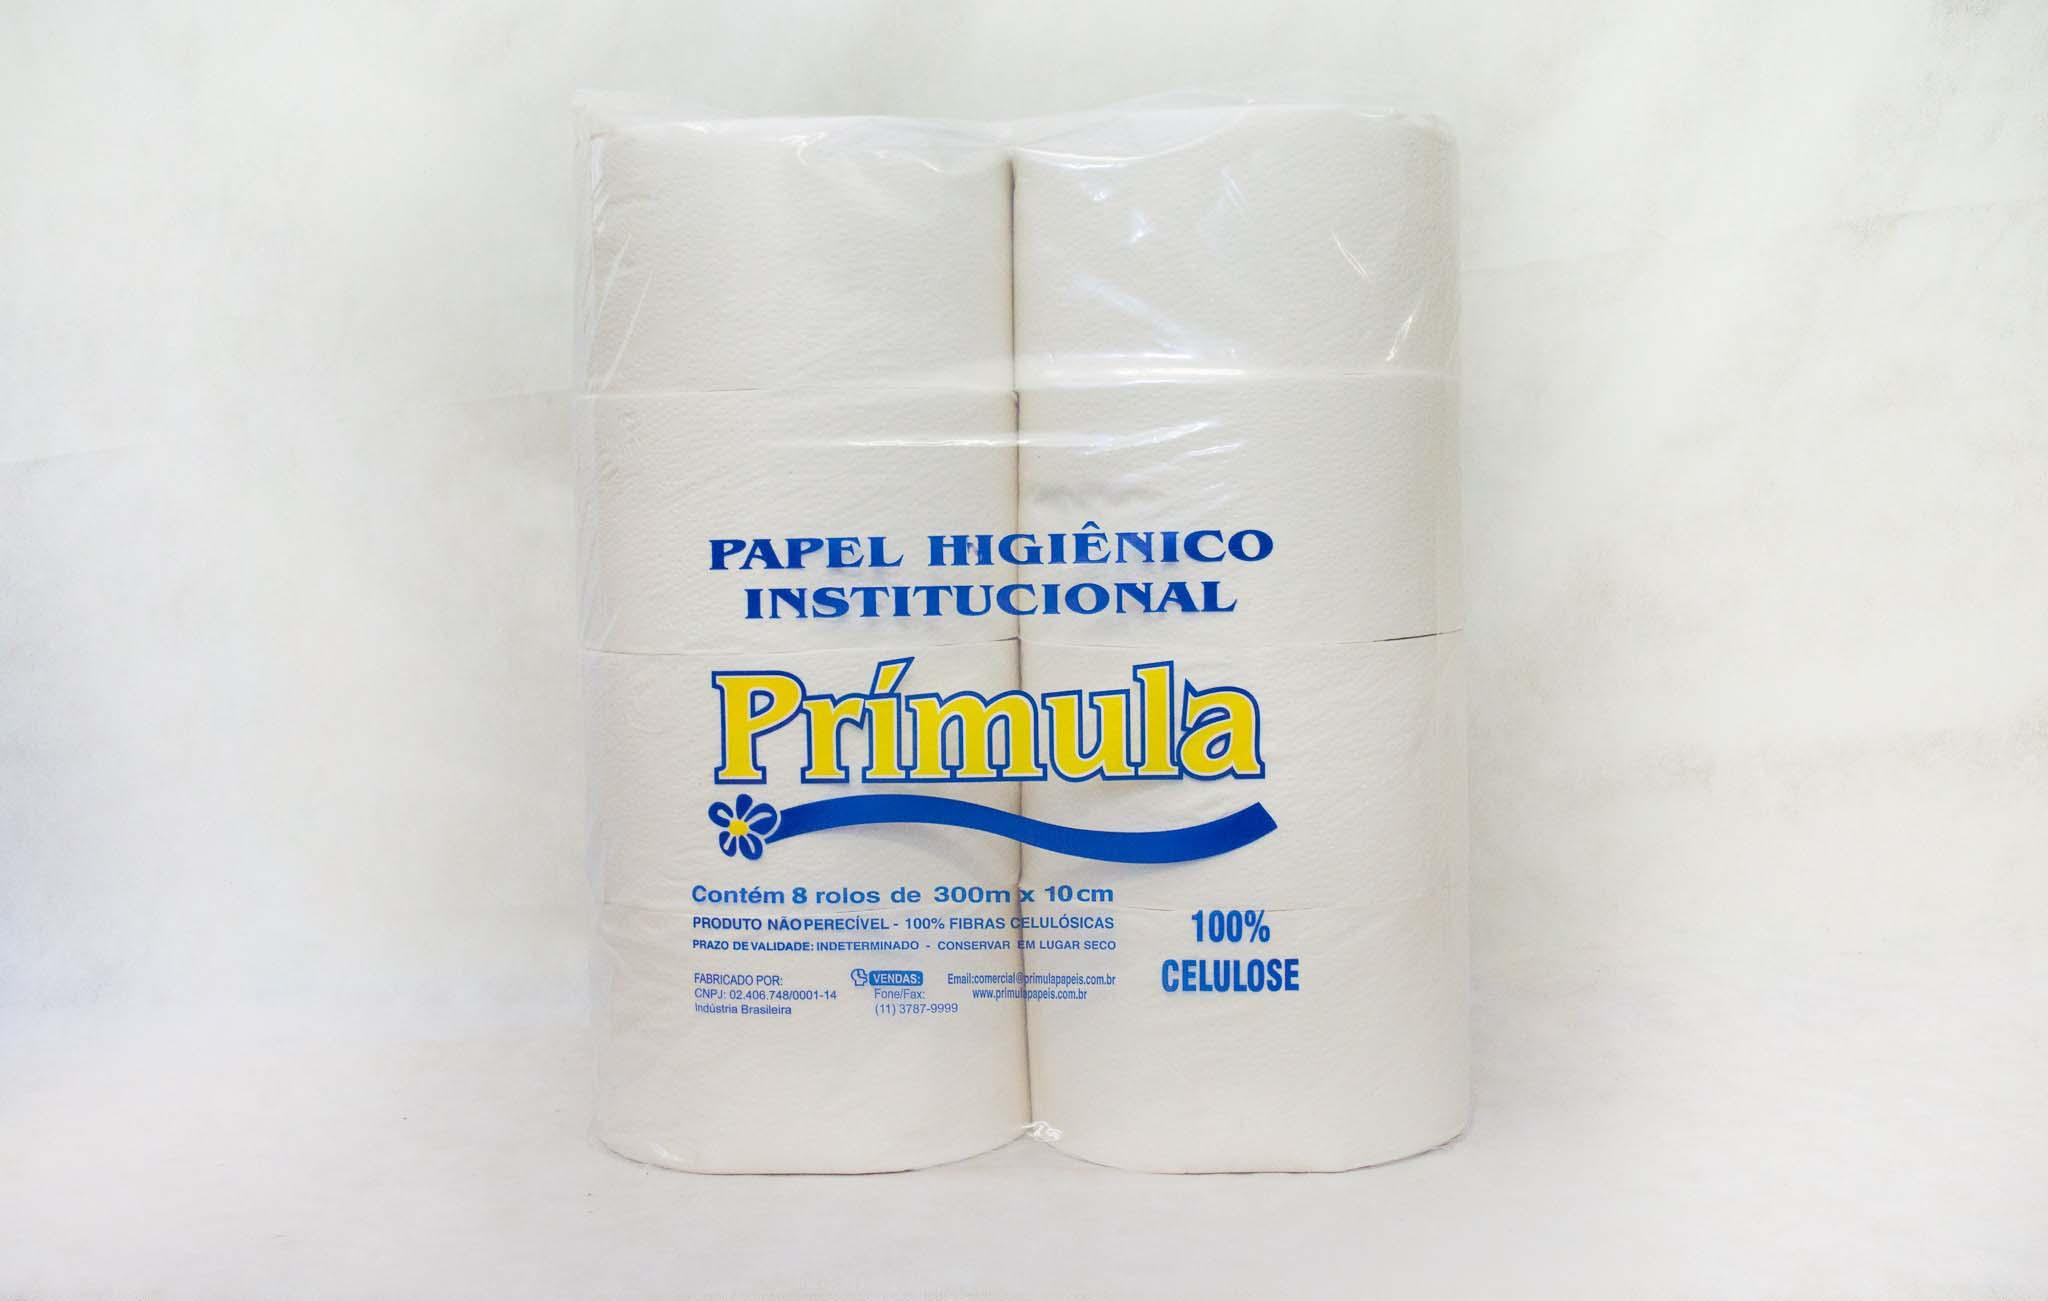 Indústria de papel higiênico